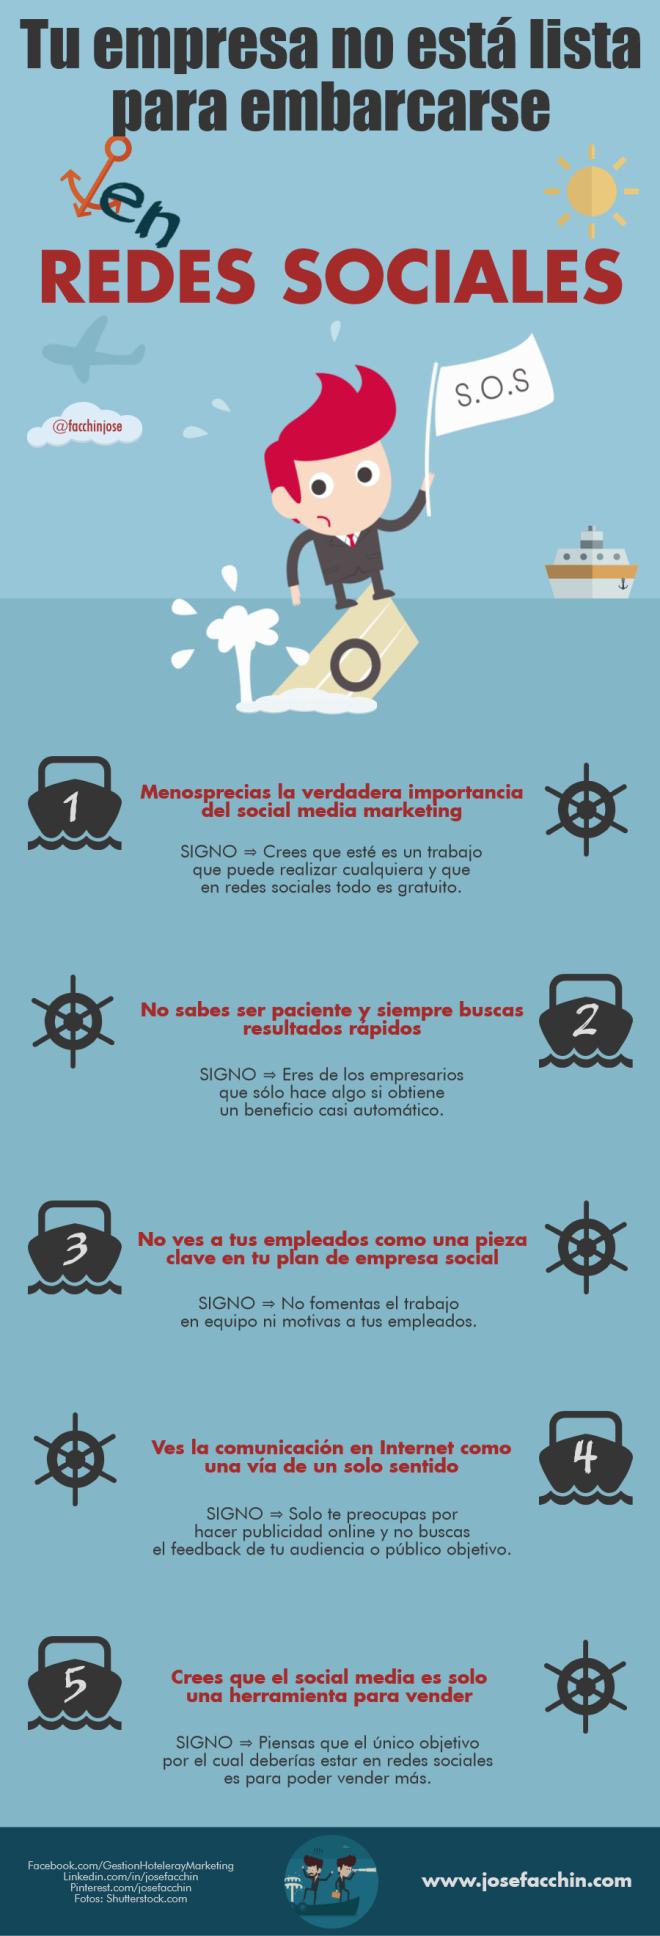 5 síntomas de que tu empresa nos está preparada para Redes Sociales